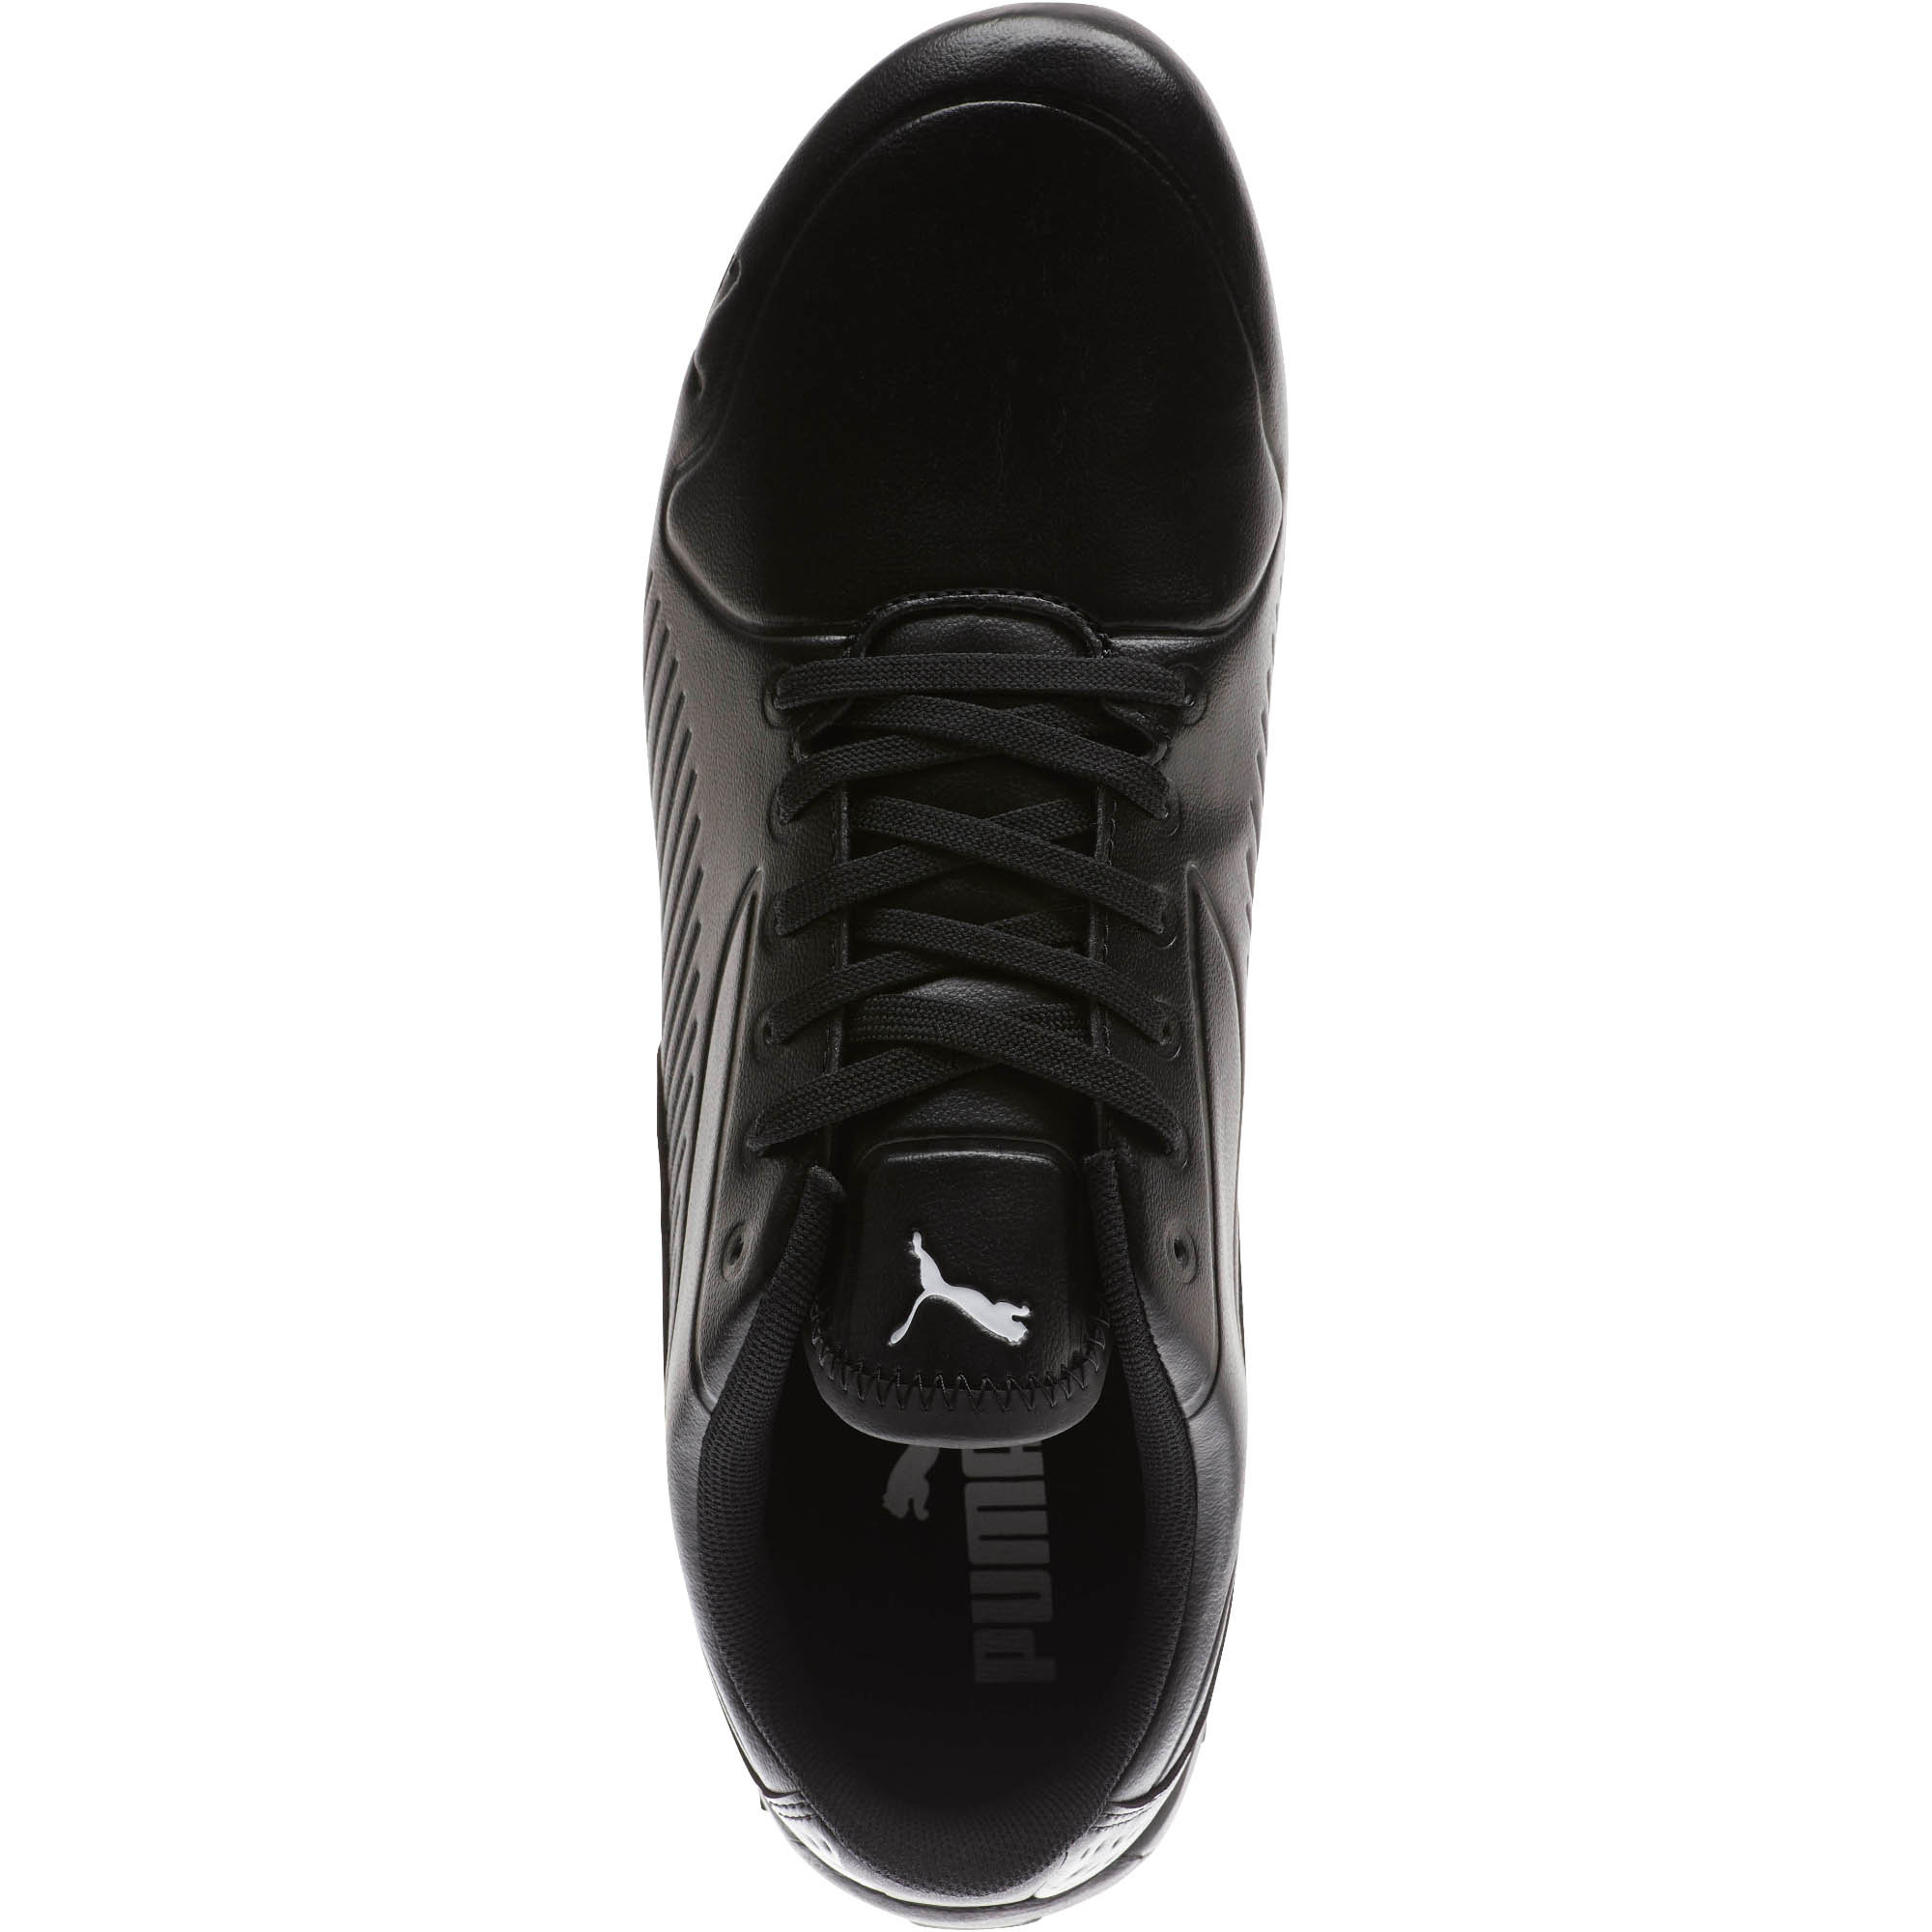 PUMA-Drift-Cat-7S-Ultra-Men-039-s-Shoes-Men-Shoe-Basics thumbnail 6